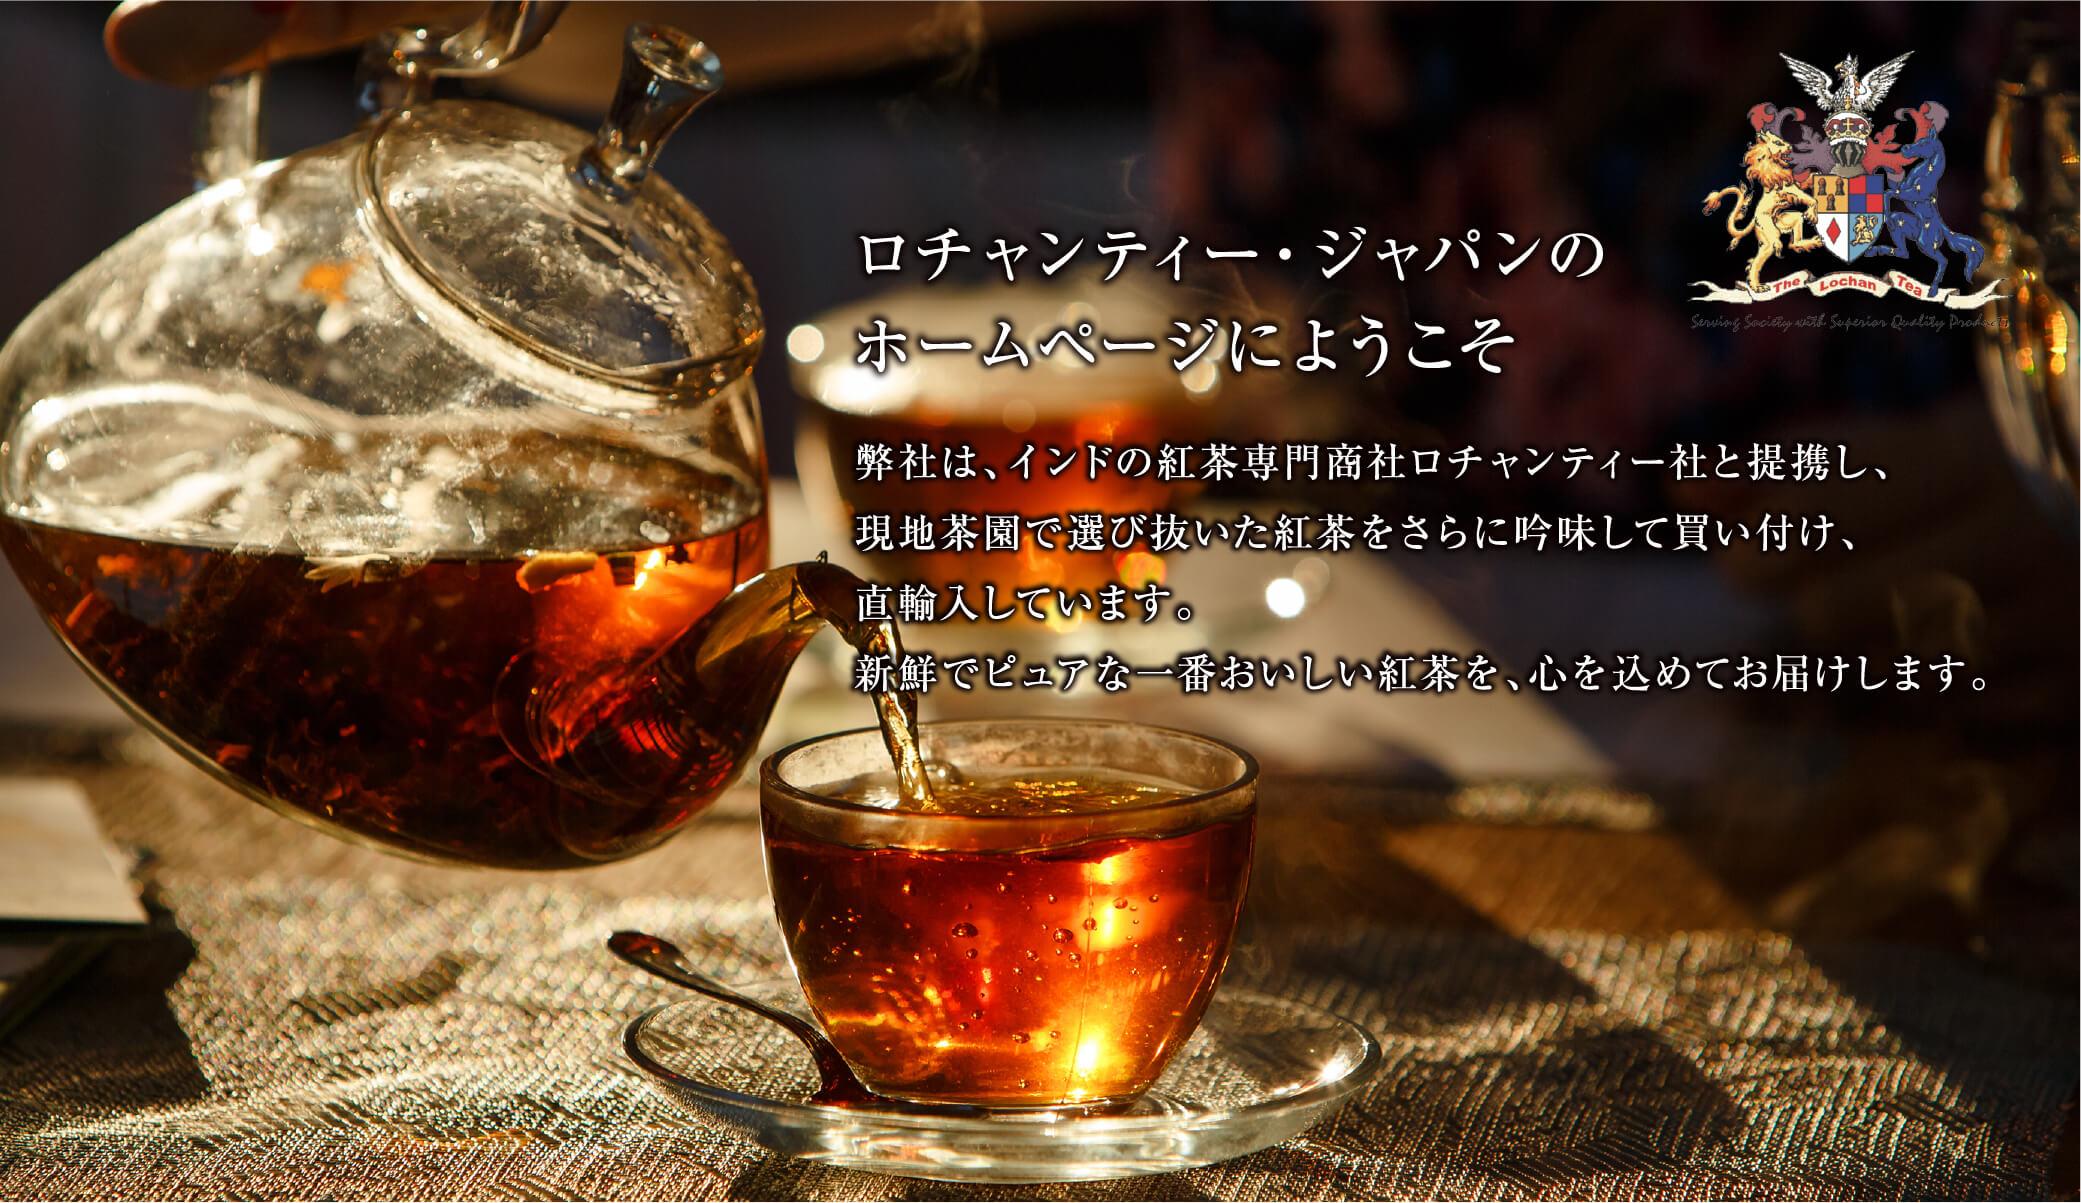 ロチャンティーにようこそ。インドの産地で厳選した紅茶をフレッシュなうちに直輸入して、心を込めてお届けします。